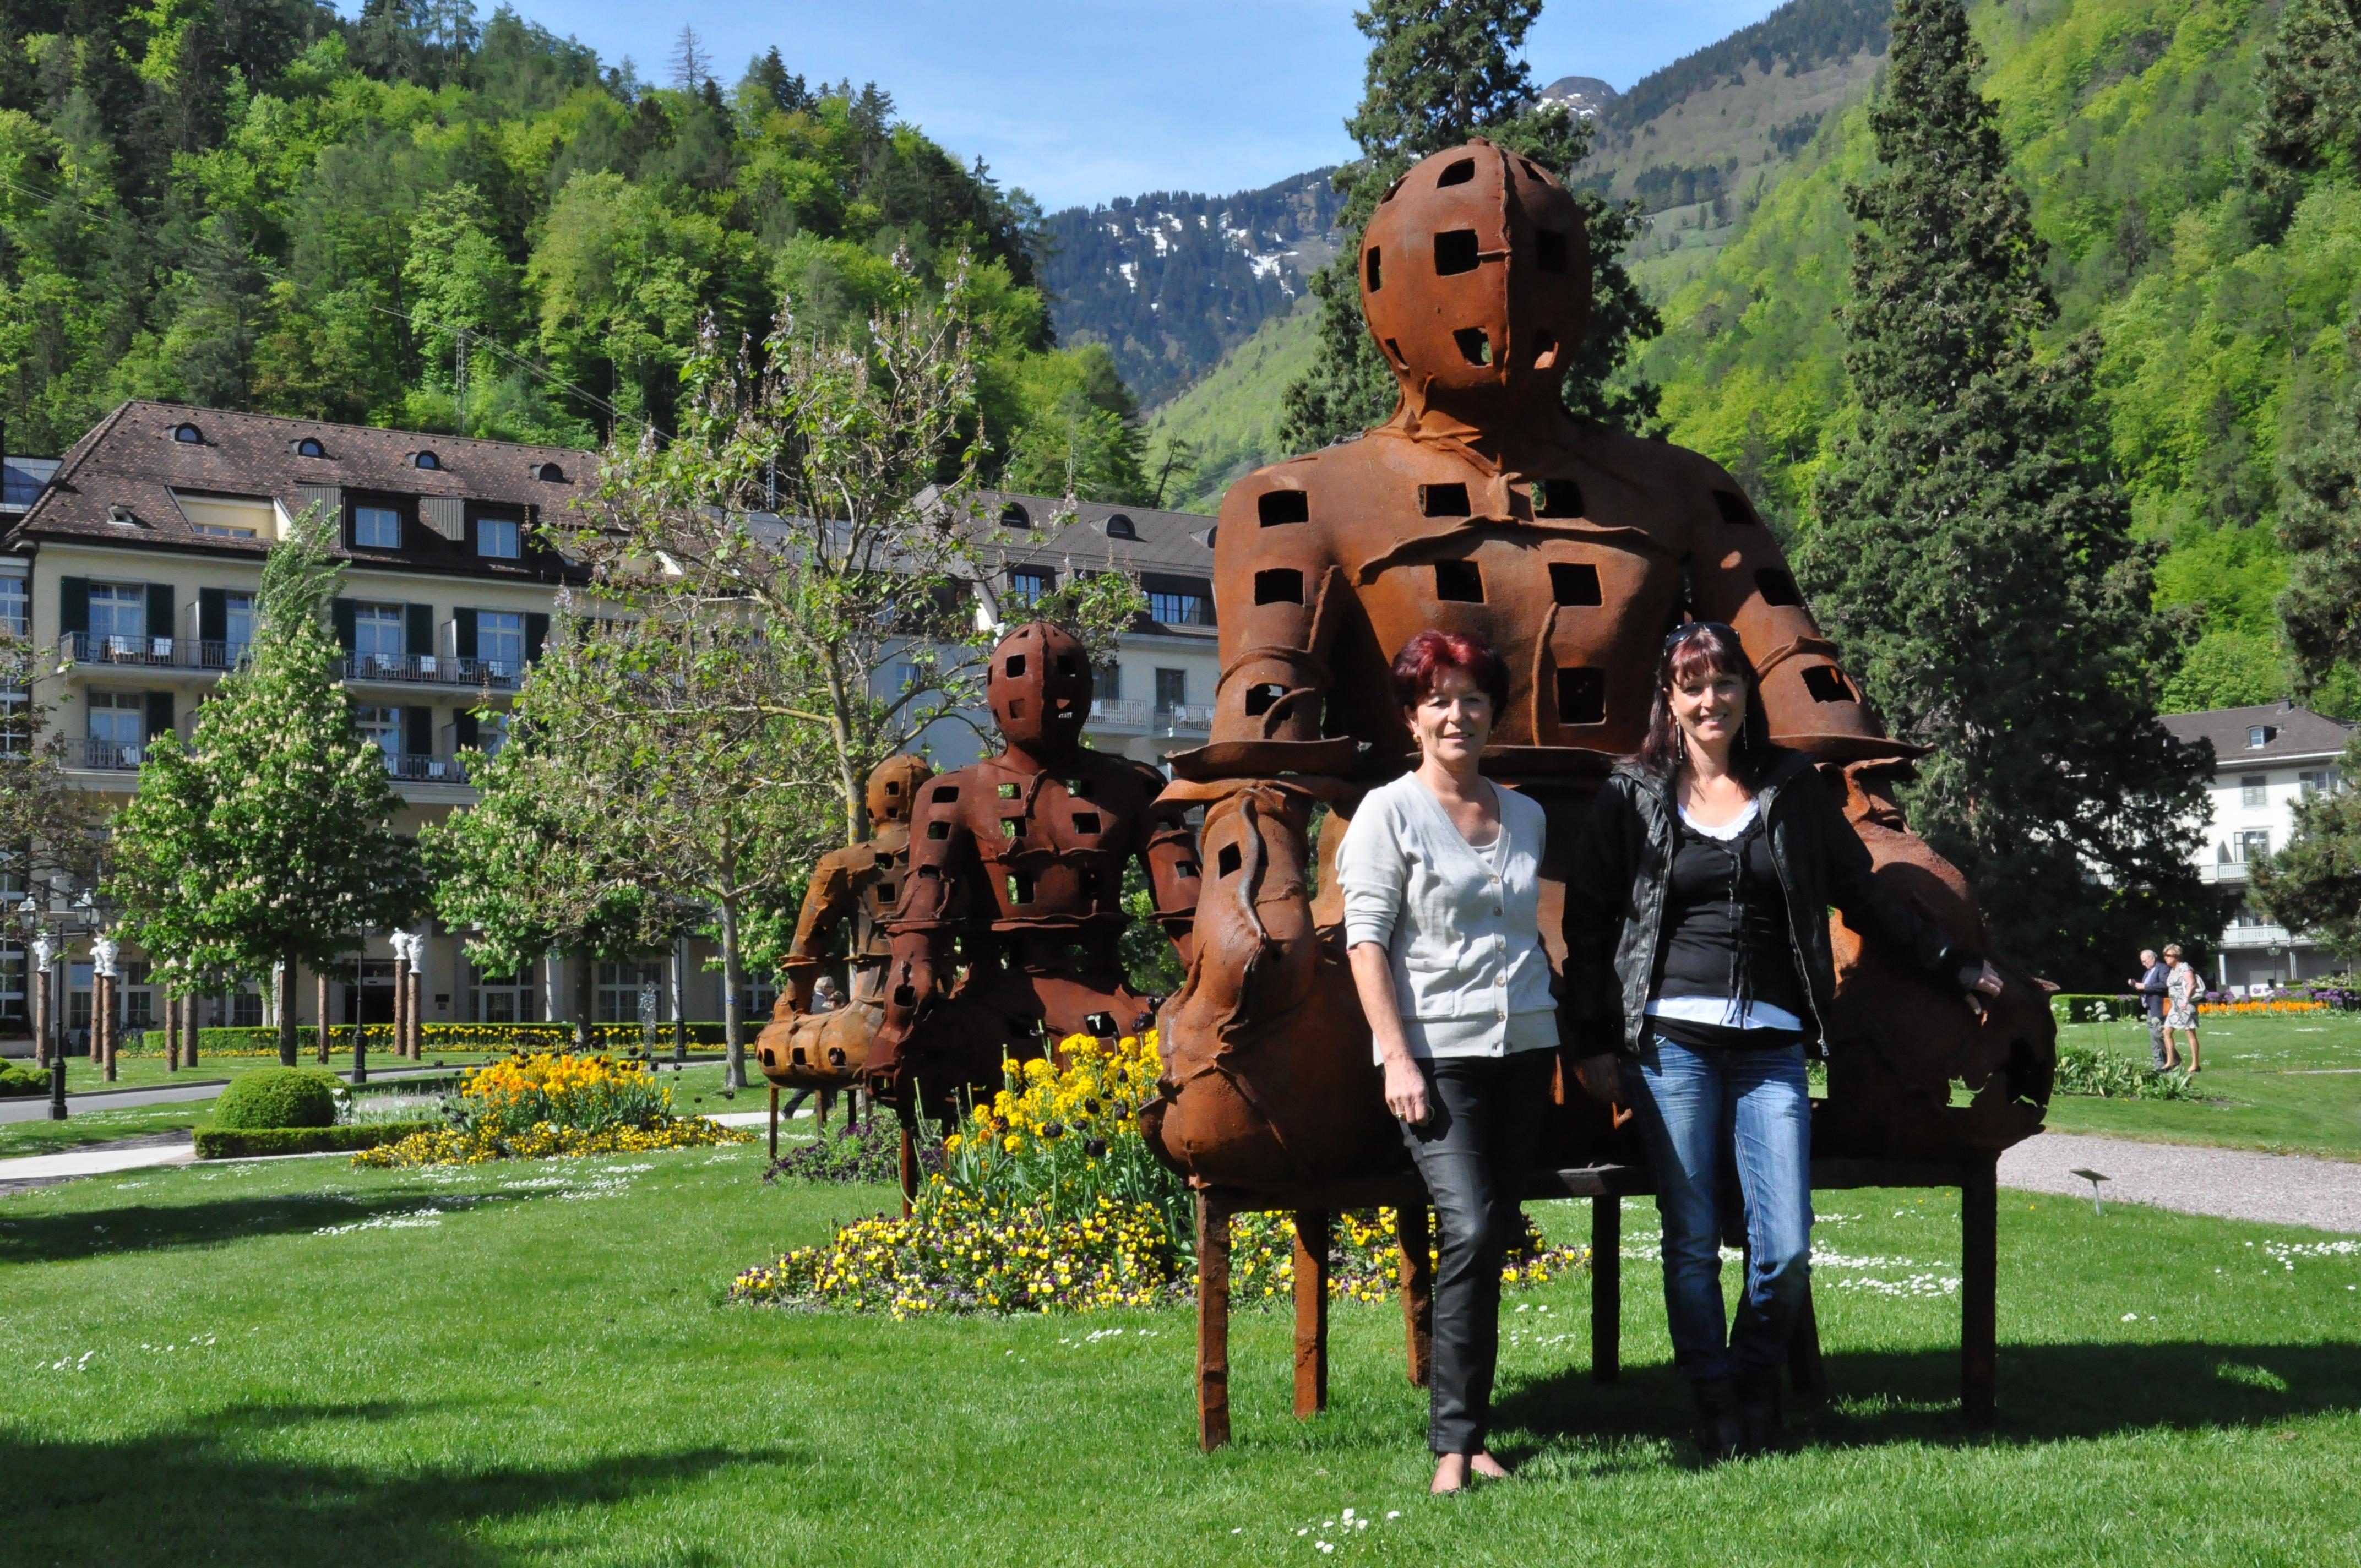 Esther Hohmeister e sia figlia Andrea Good-Hohmeister, organisaturas da l'exposiziun Bad RagARTz